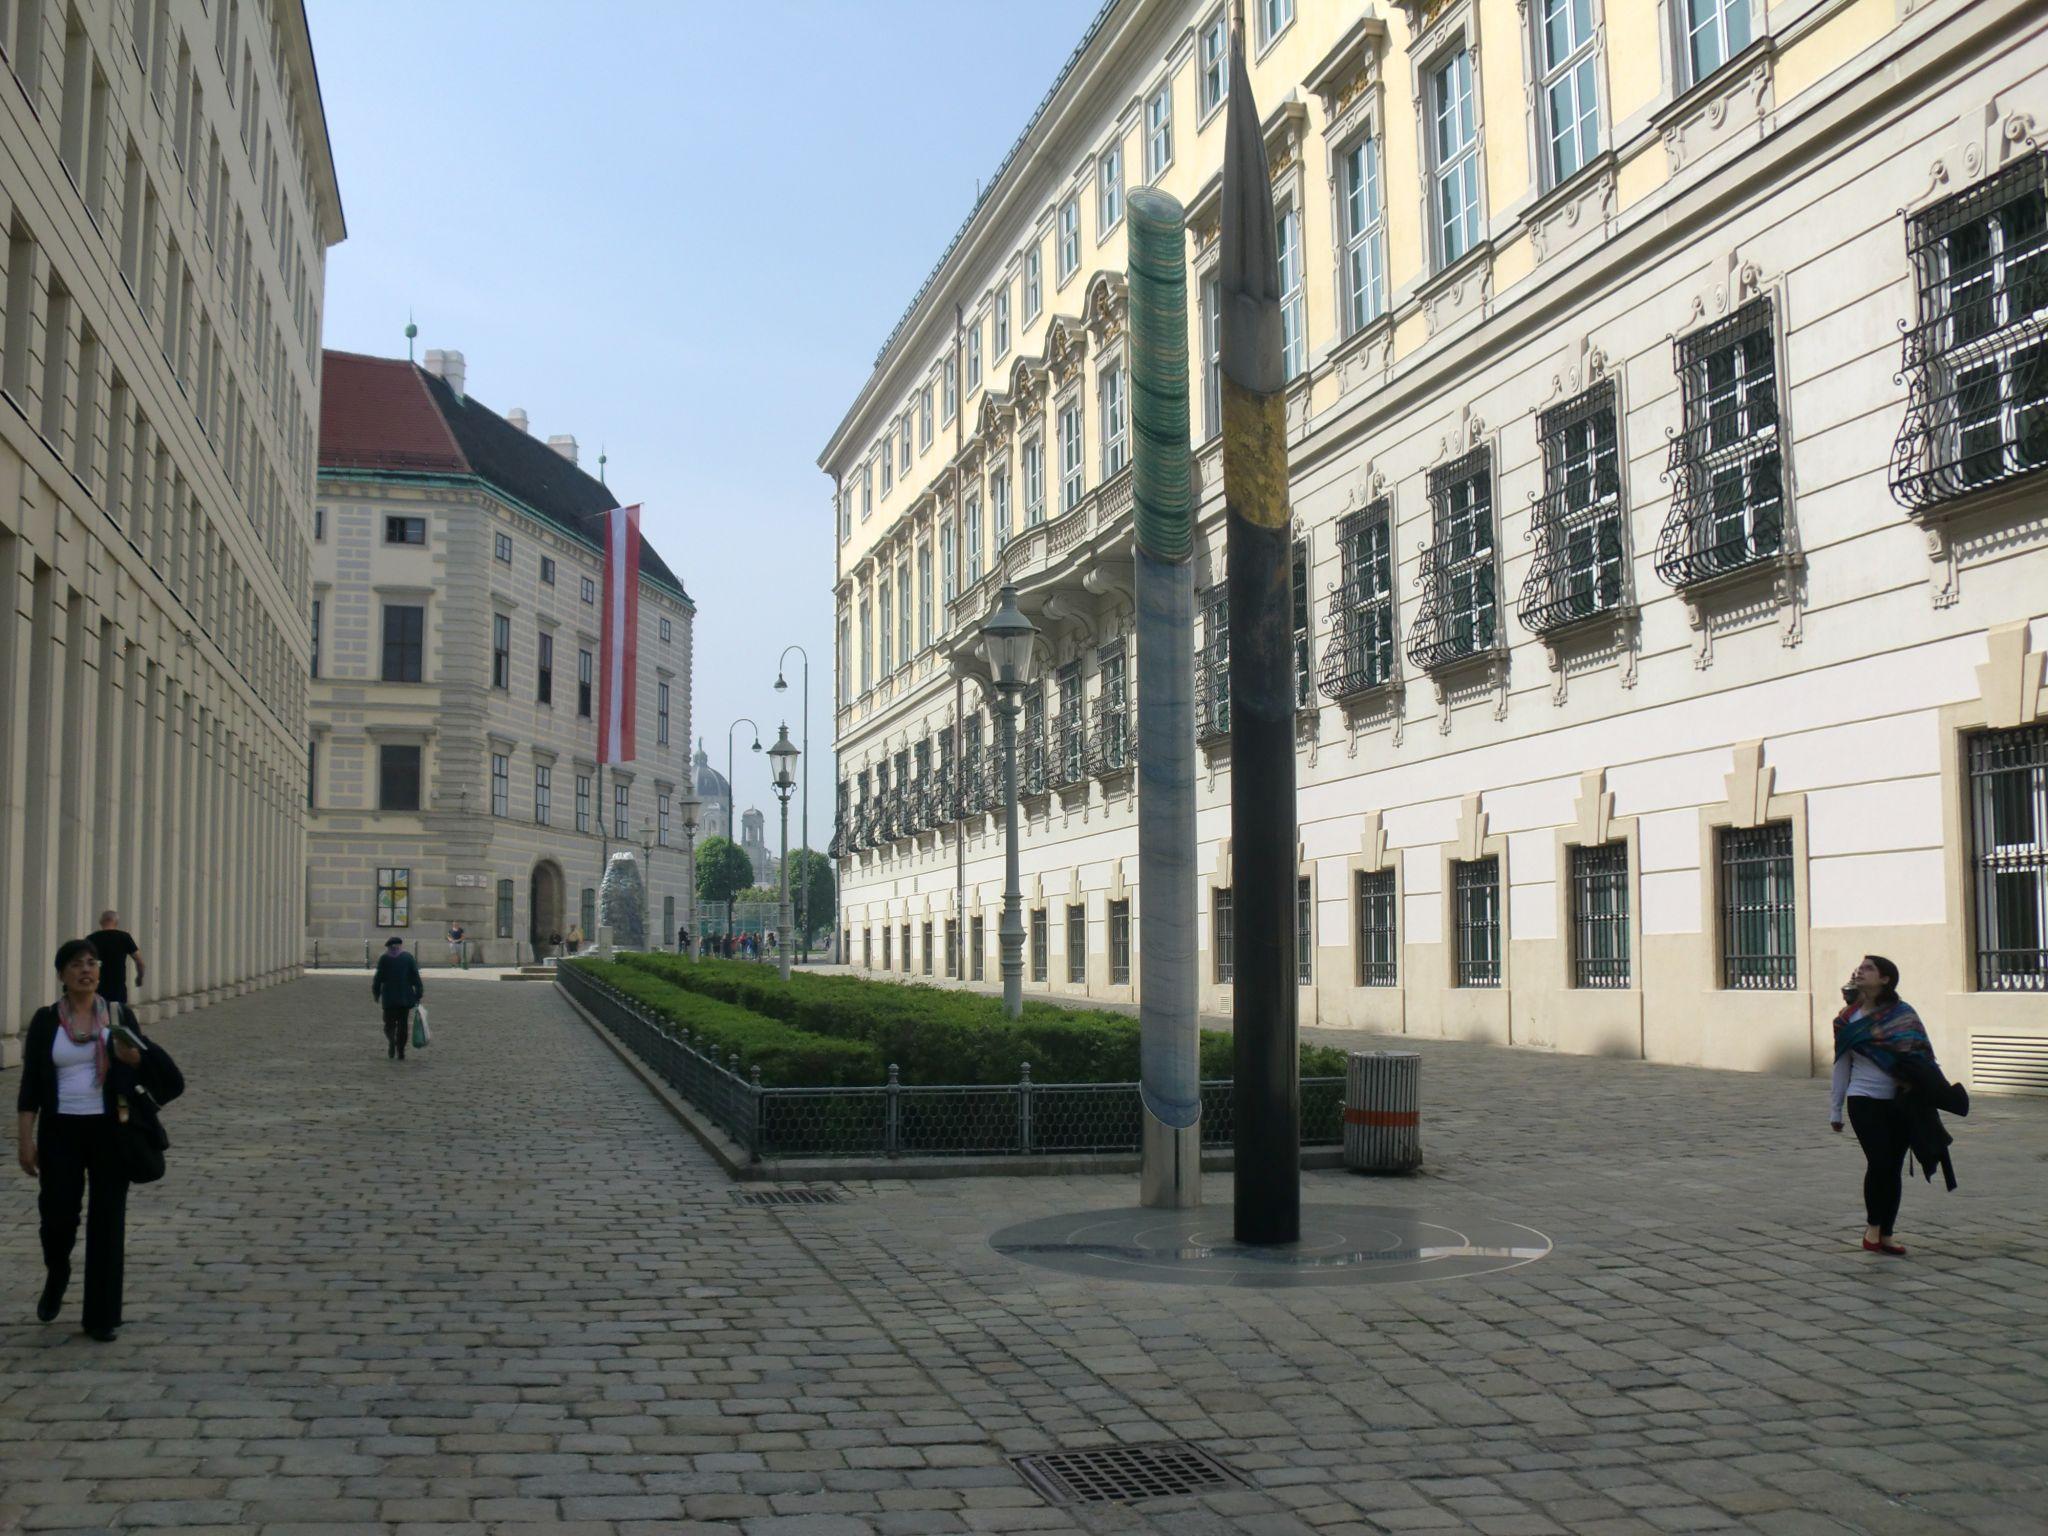 Vienna architecture 4 1440x1080 - Vienna: elegant beauty